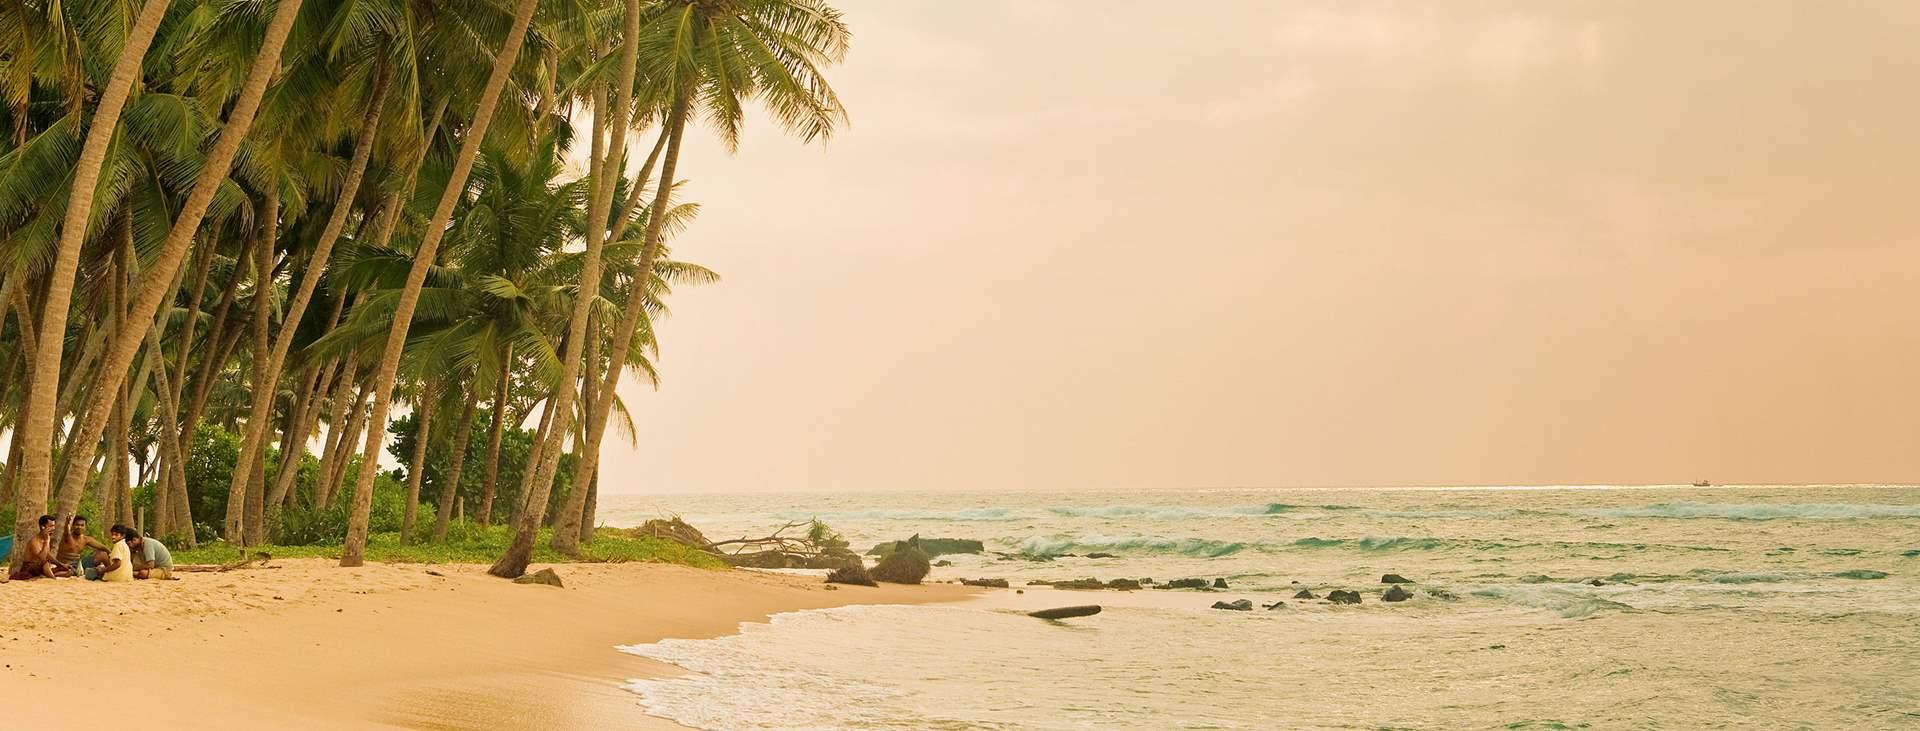 Bestill en reise med Ving til Sri Lanka